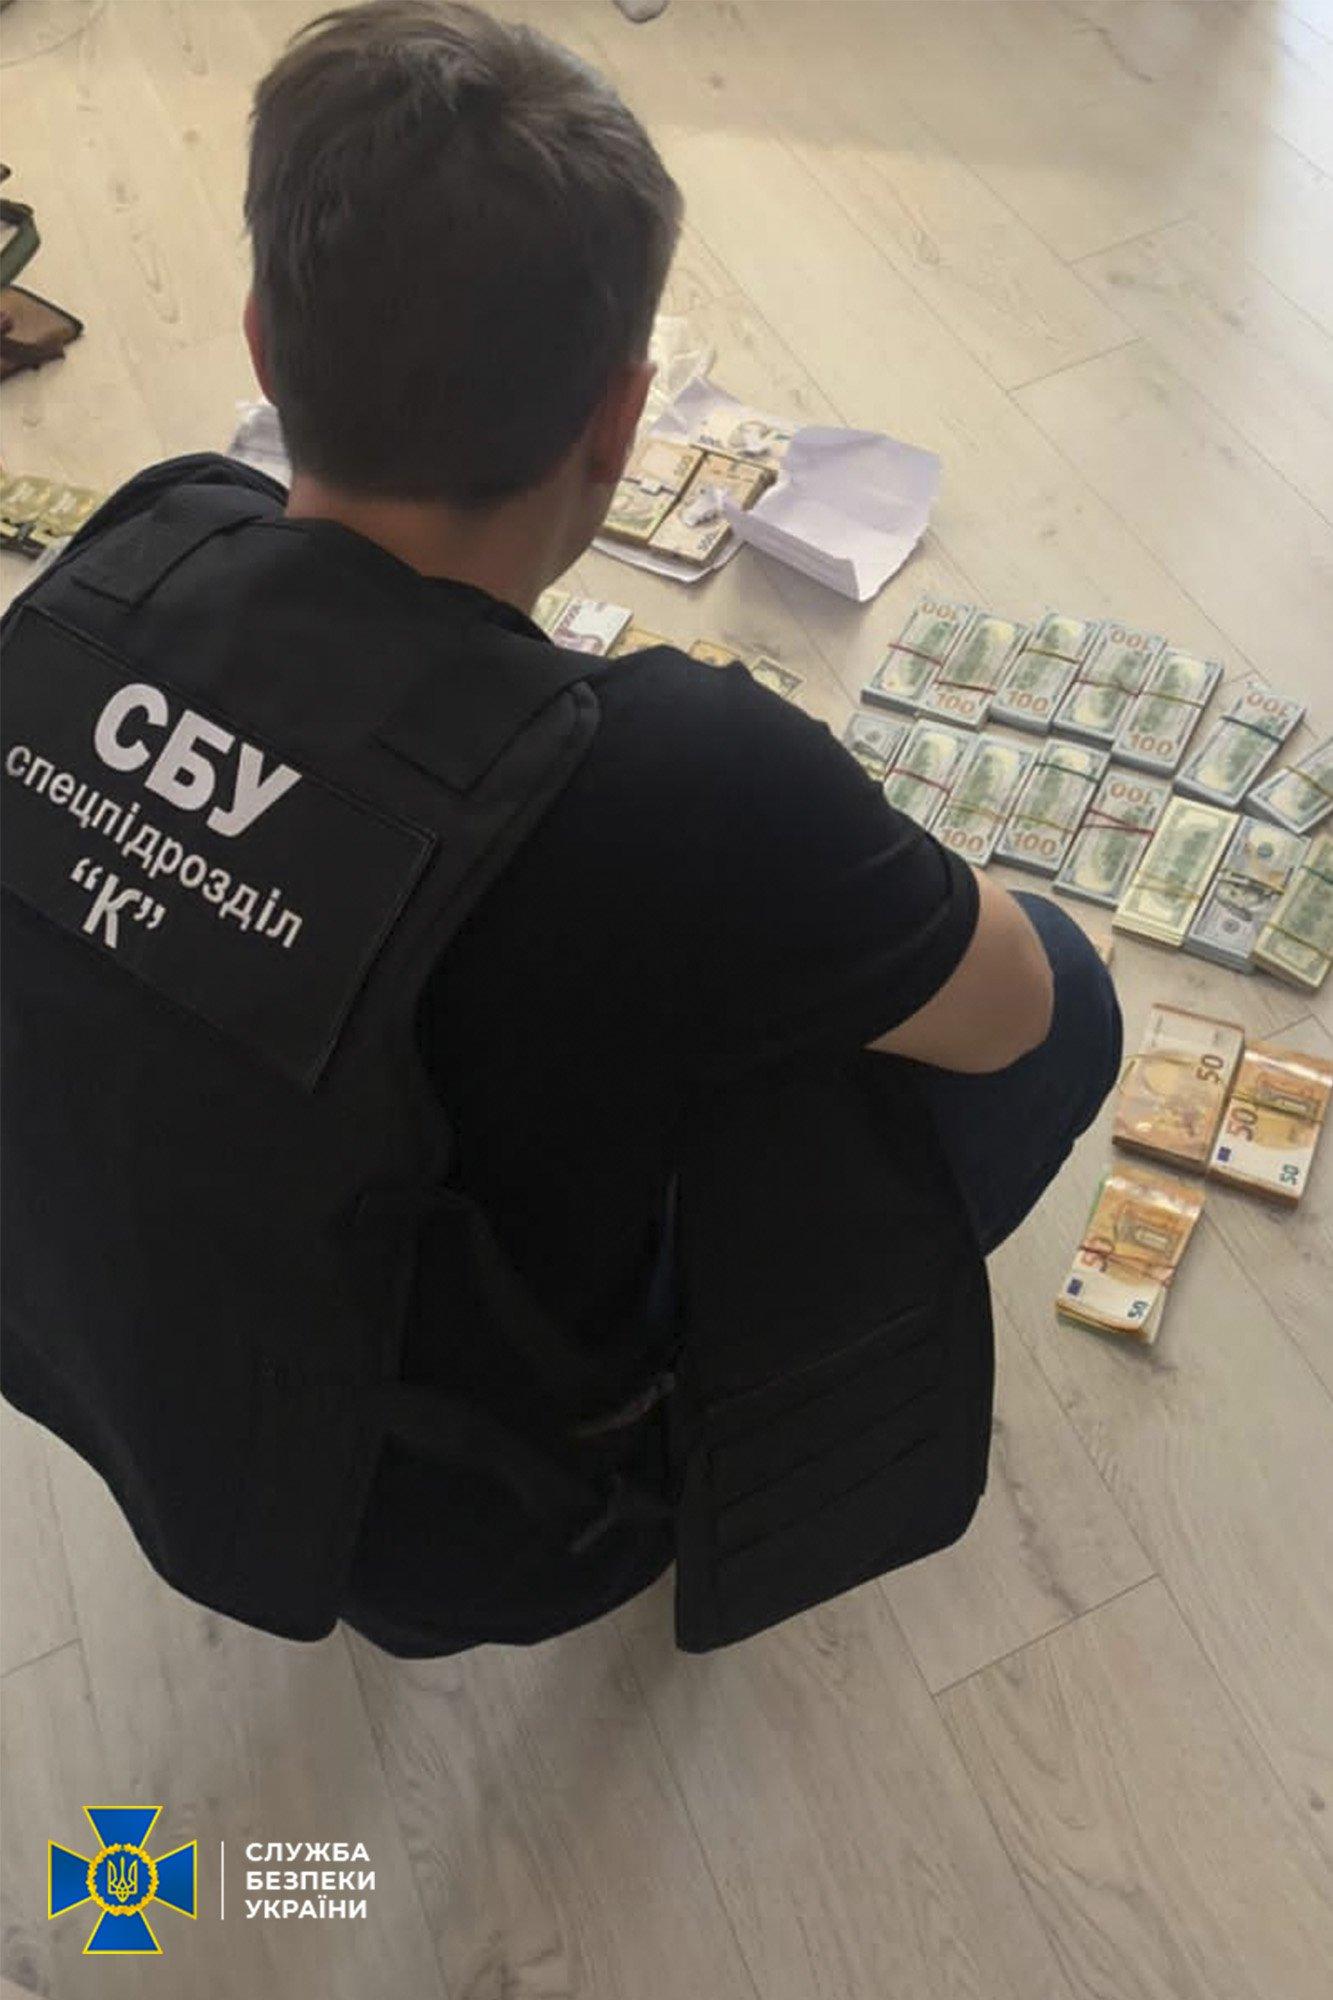 Несколько сотен людей не дождались зарплаты: СБУ разоблачила государственных исполнителей Днепра в хищении миллионов гривен, фото-3